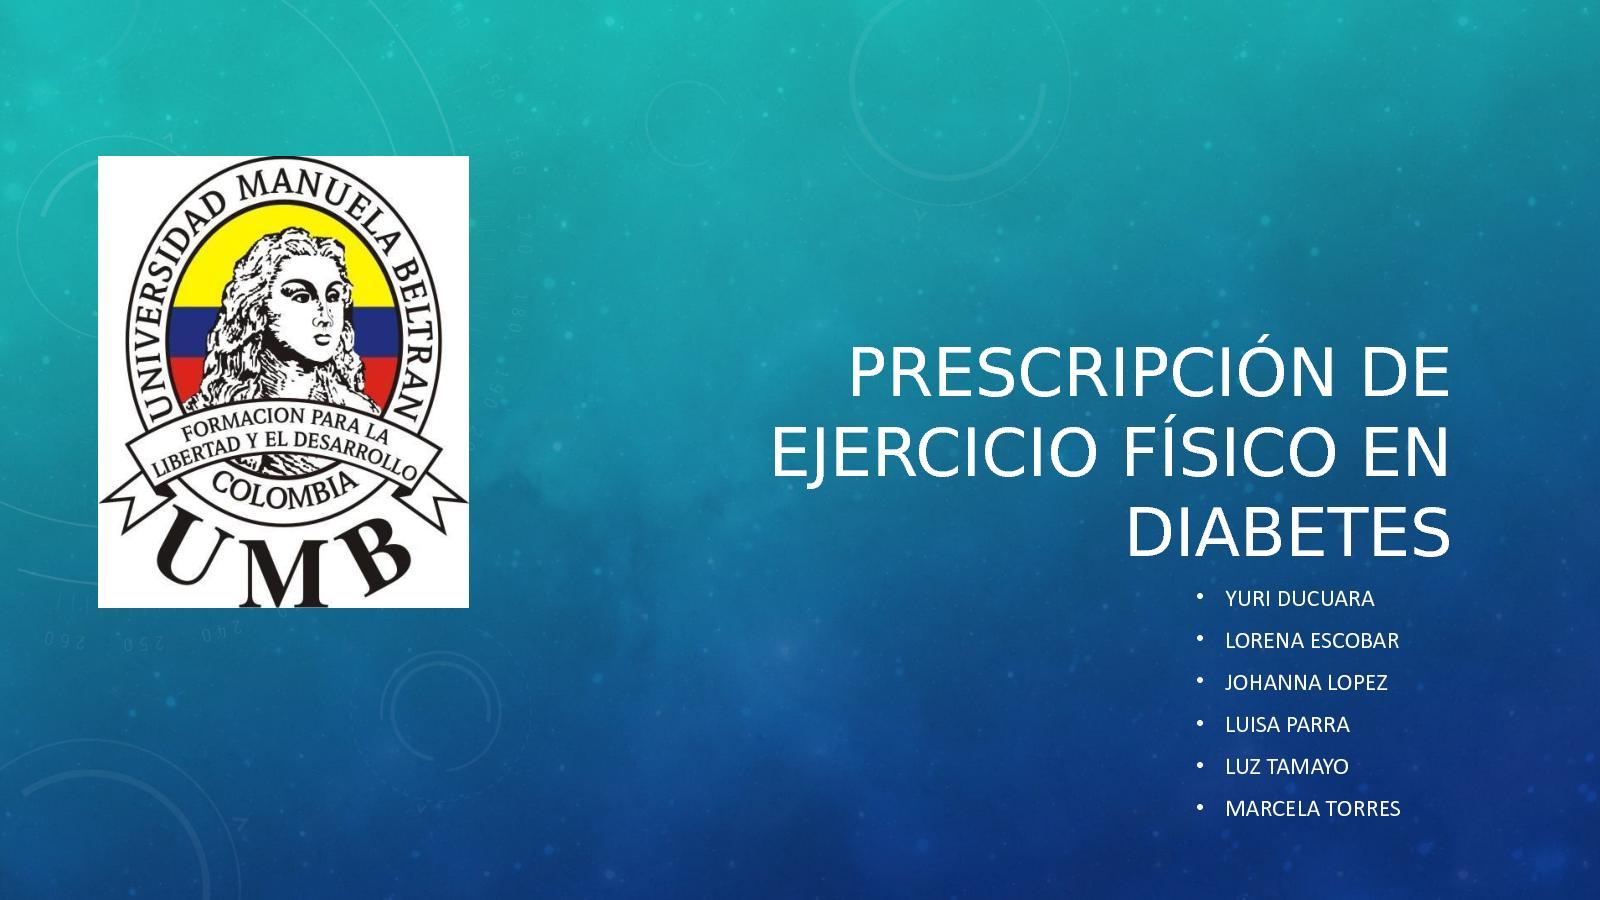 prescripción de ejercicio para pacientes con diabetes tipo 2 y prediabetes